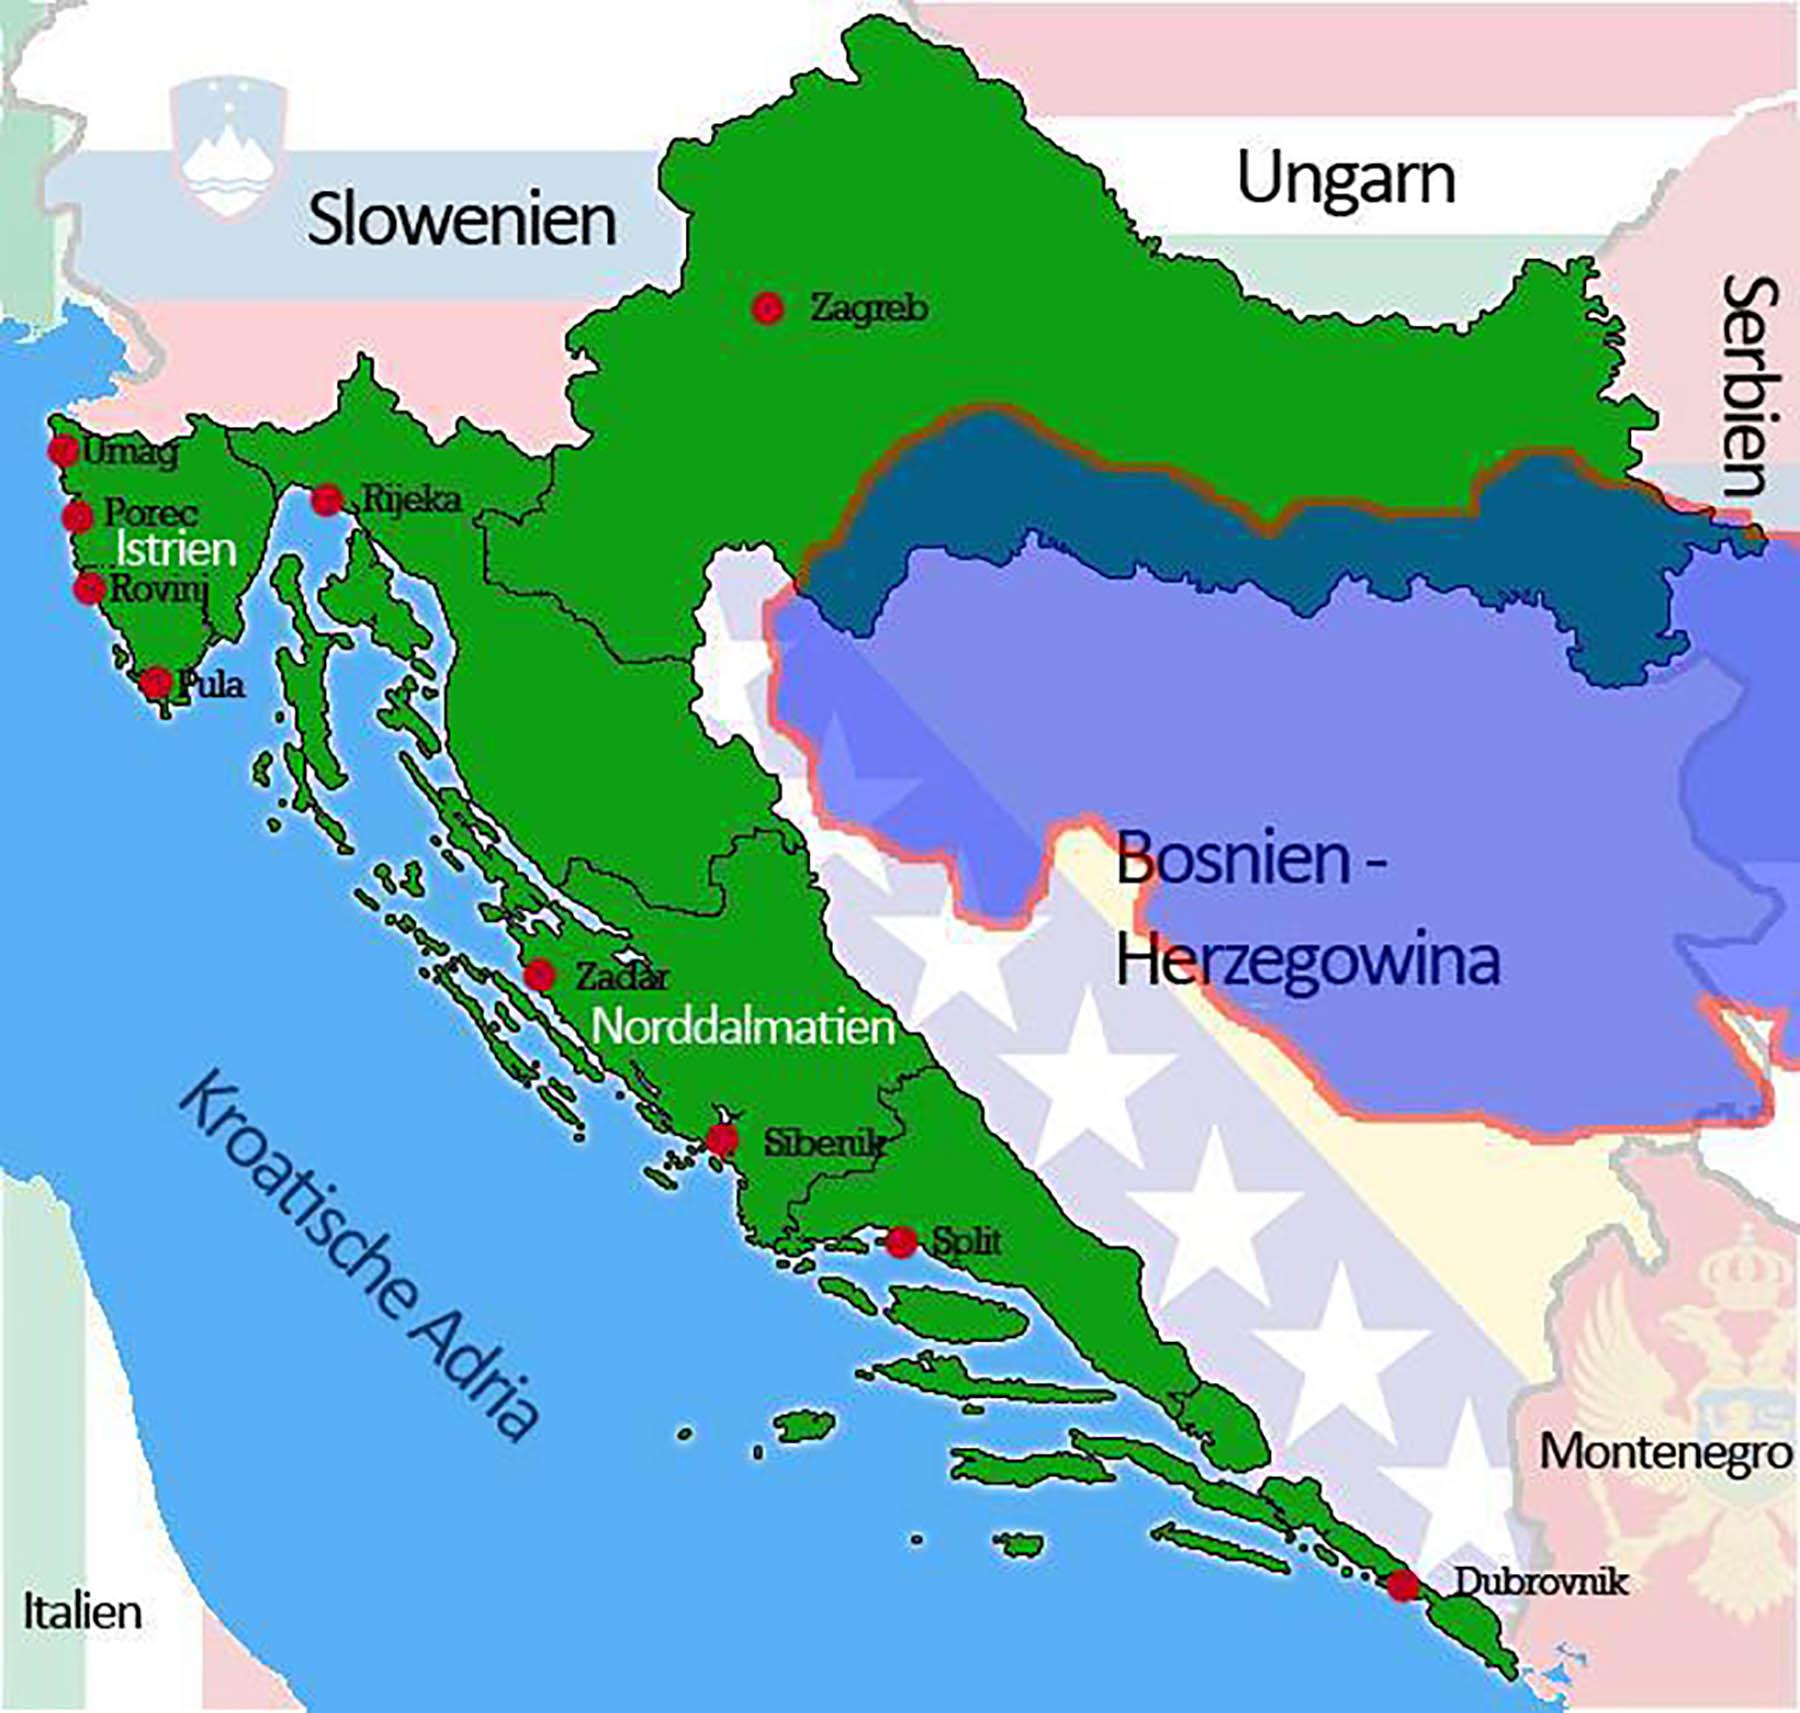 Informationen Zur Hochwasserkatastrophe In Serbien, Bosnien Herzegowina Und  Kroatien   Die Aktuellen News Zum Hochwasser Am Balkan! Infos U0026 Hilfeaufruf!